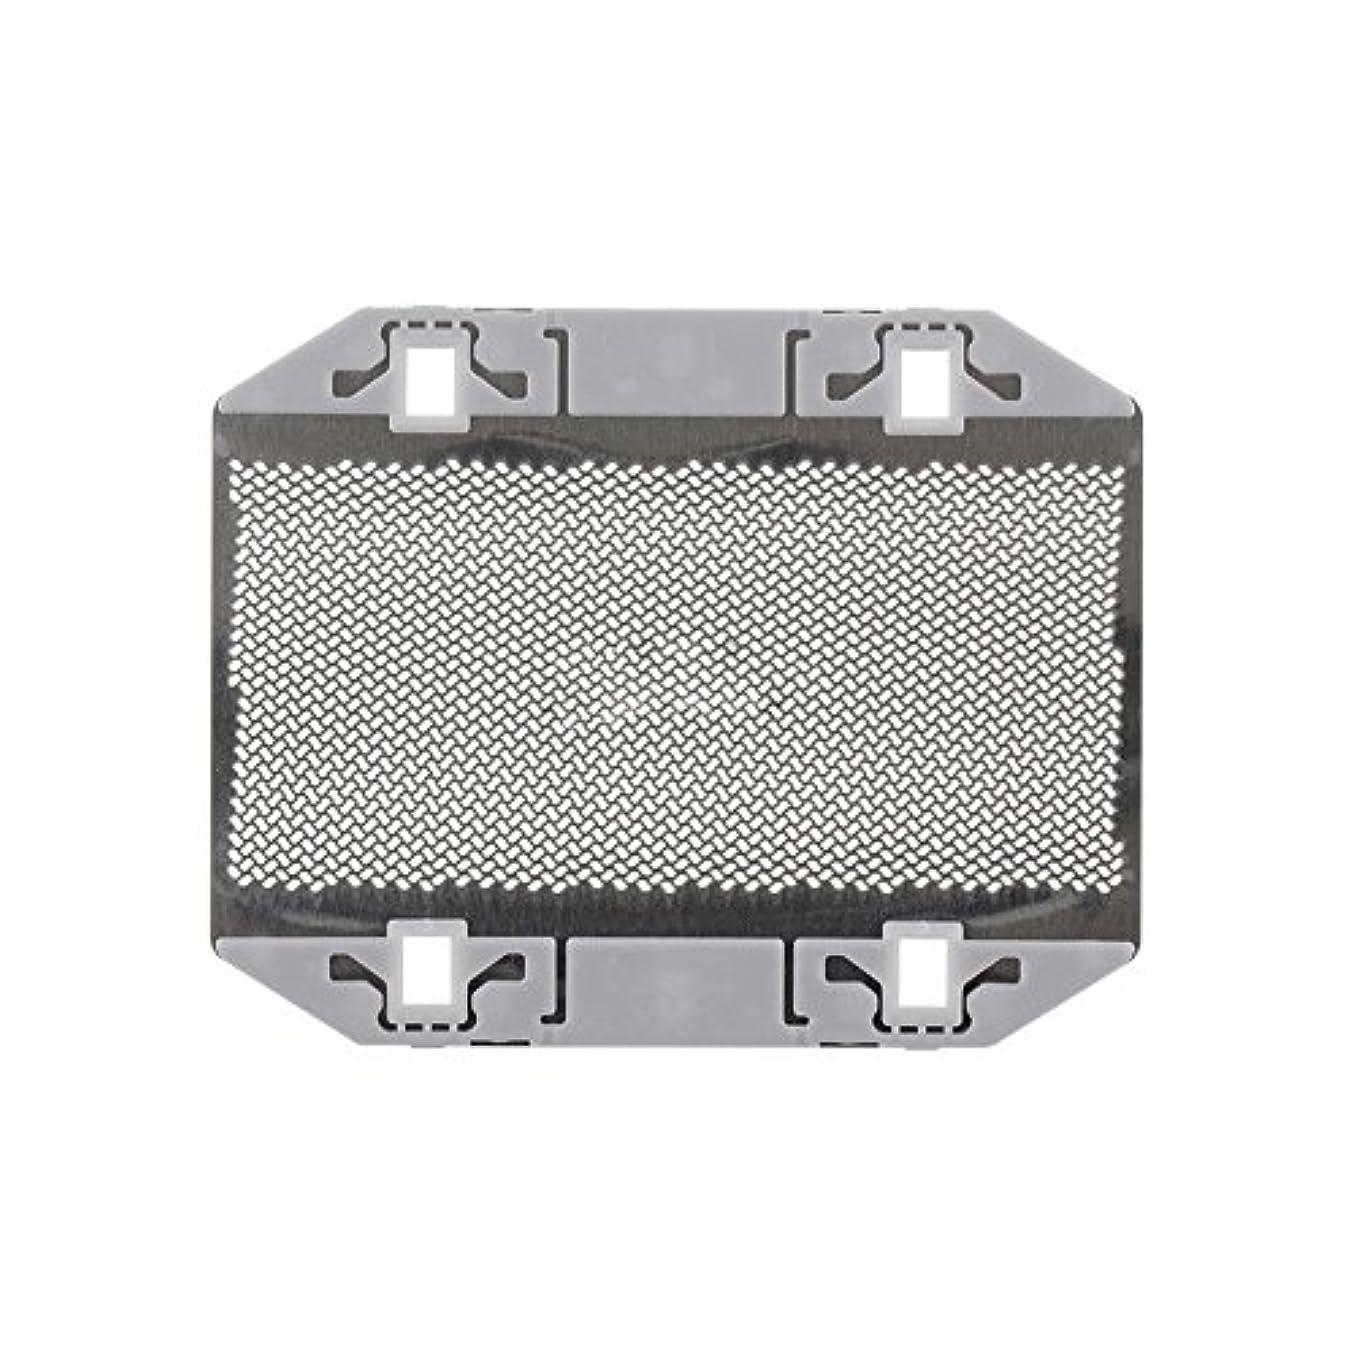 平野引っ張る口述Hzjundasi シェーバーパーツ 部品 外刃 ロータリー式シェーバー替刃 耐用 高質量 for Panasonic ES9943 ES3042 ES3801 ES3750 ES365 ES366